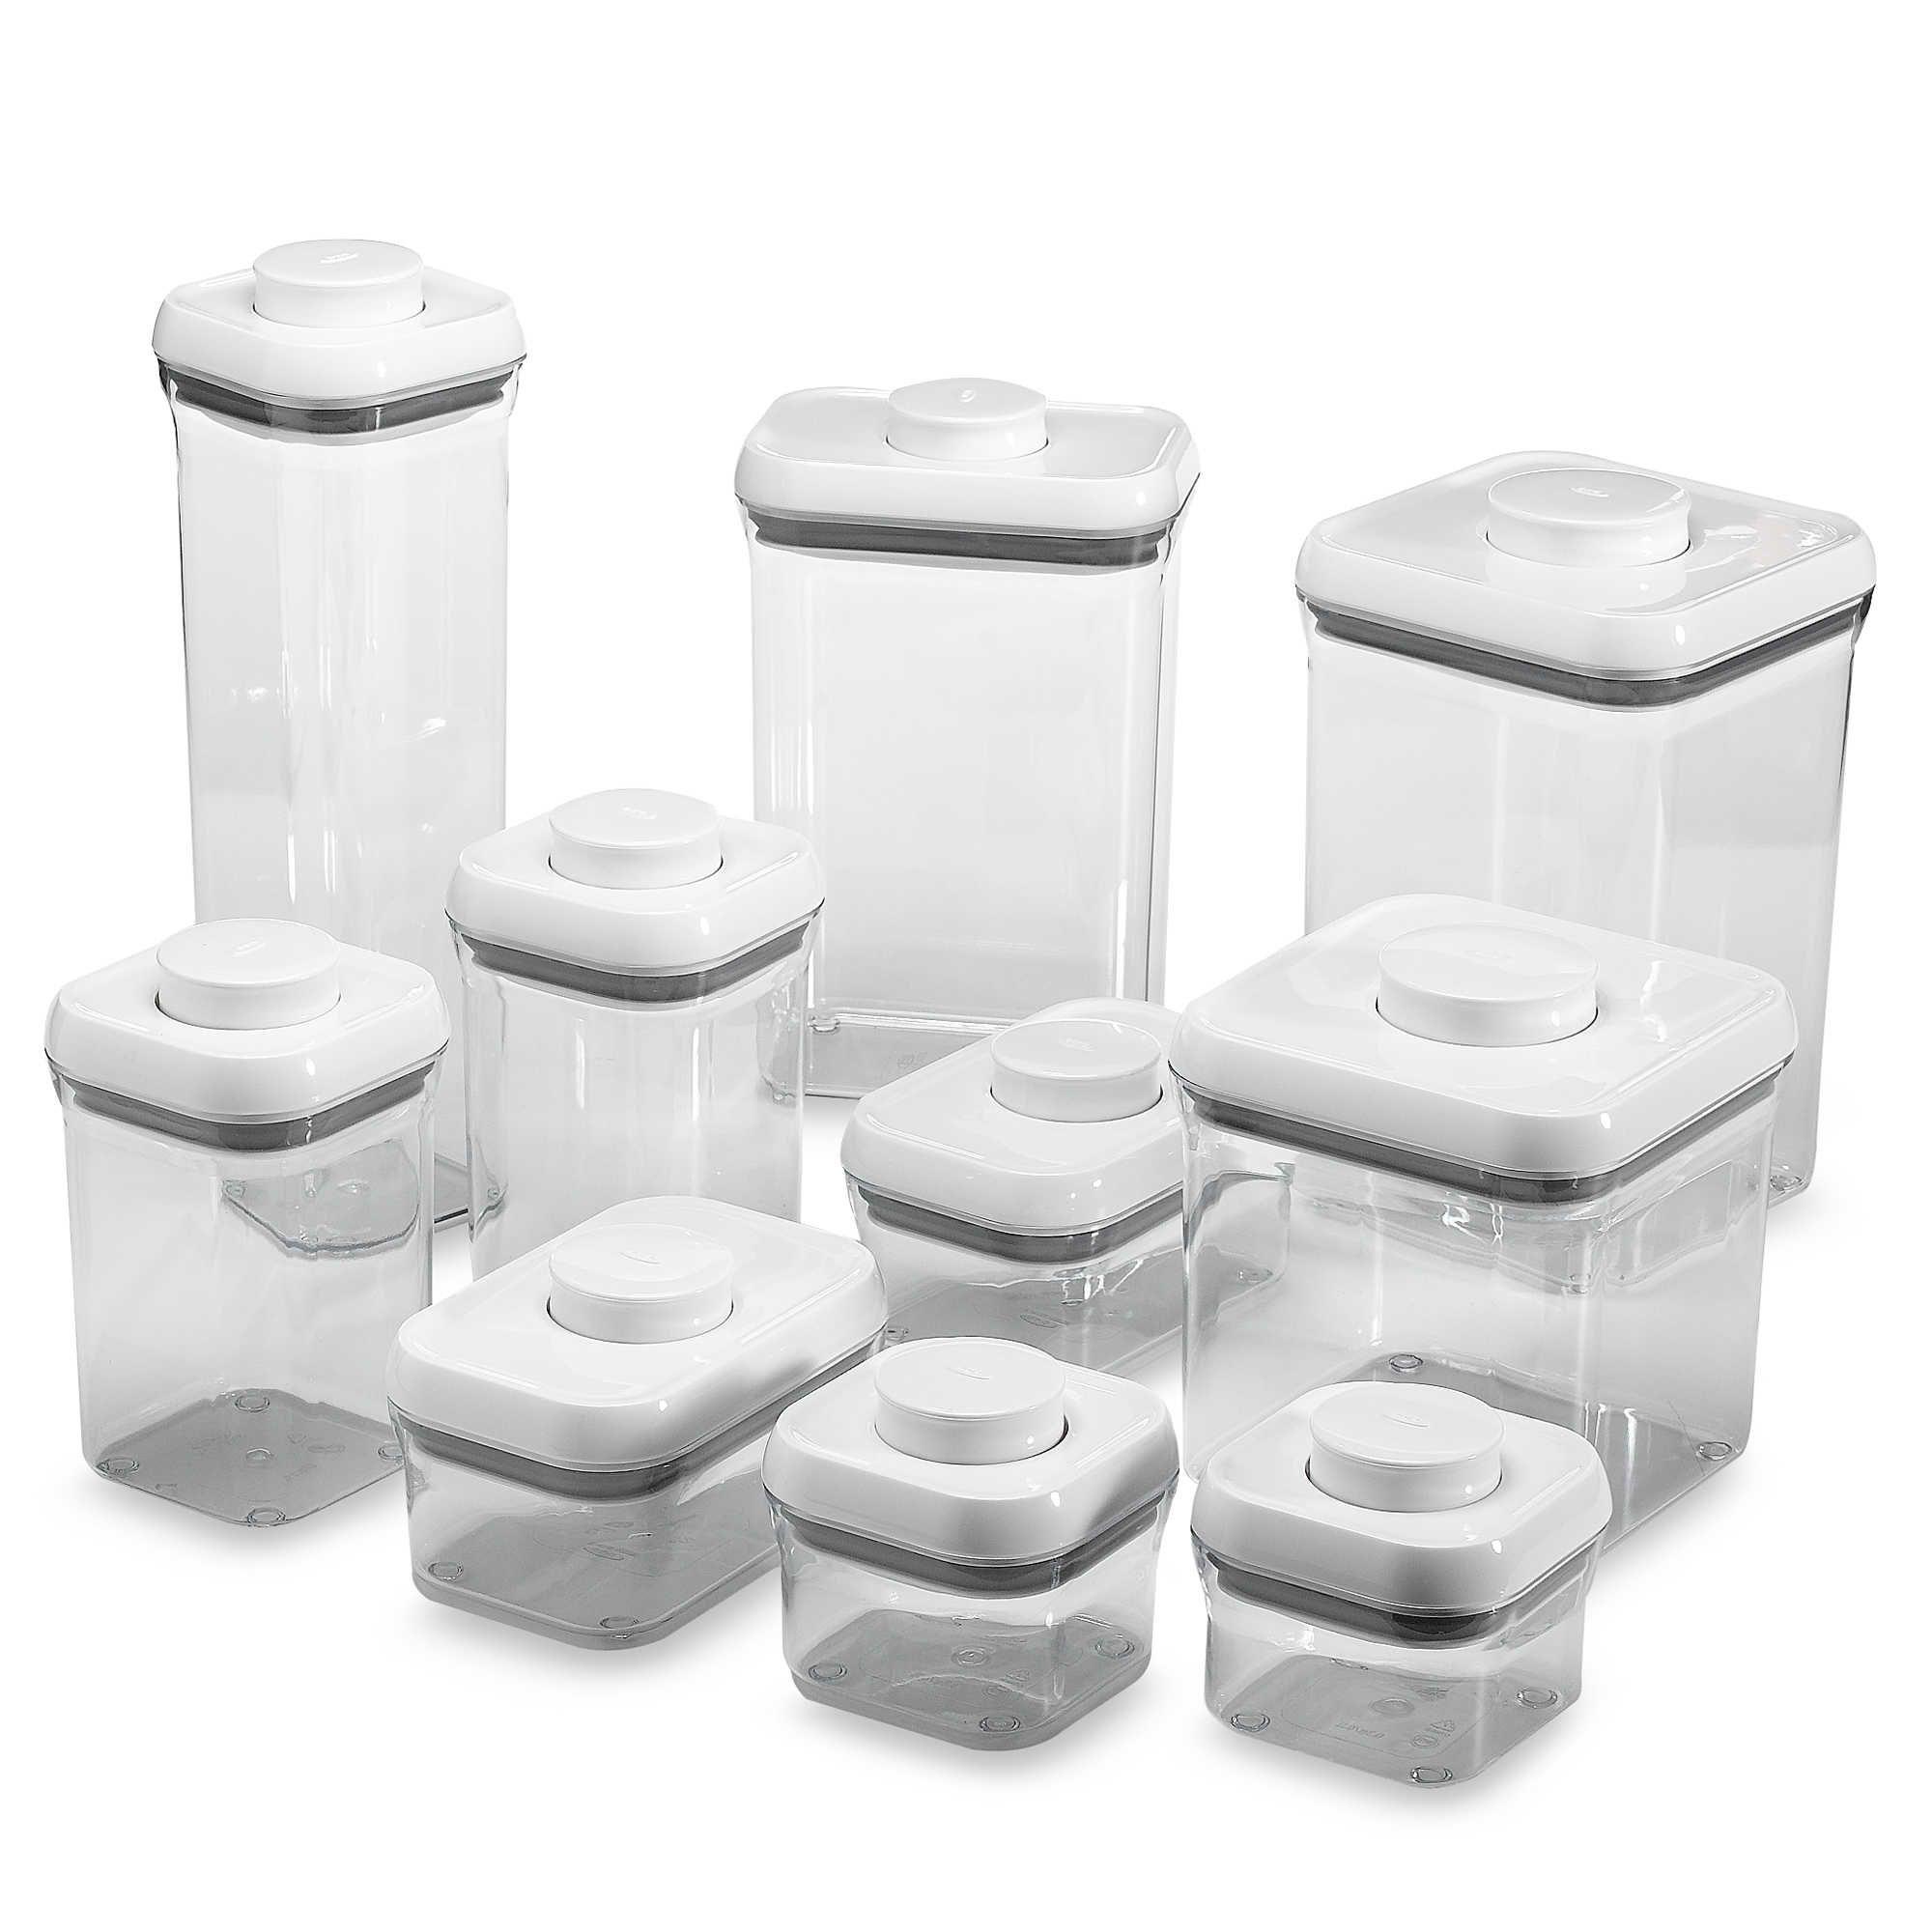 Oxo Good Grips 10 Piece Food Storage Pop Container Set Glass Food Storage Containers Food Storage Food Storage Set